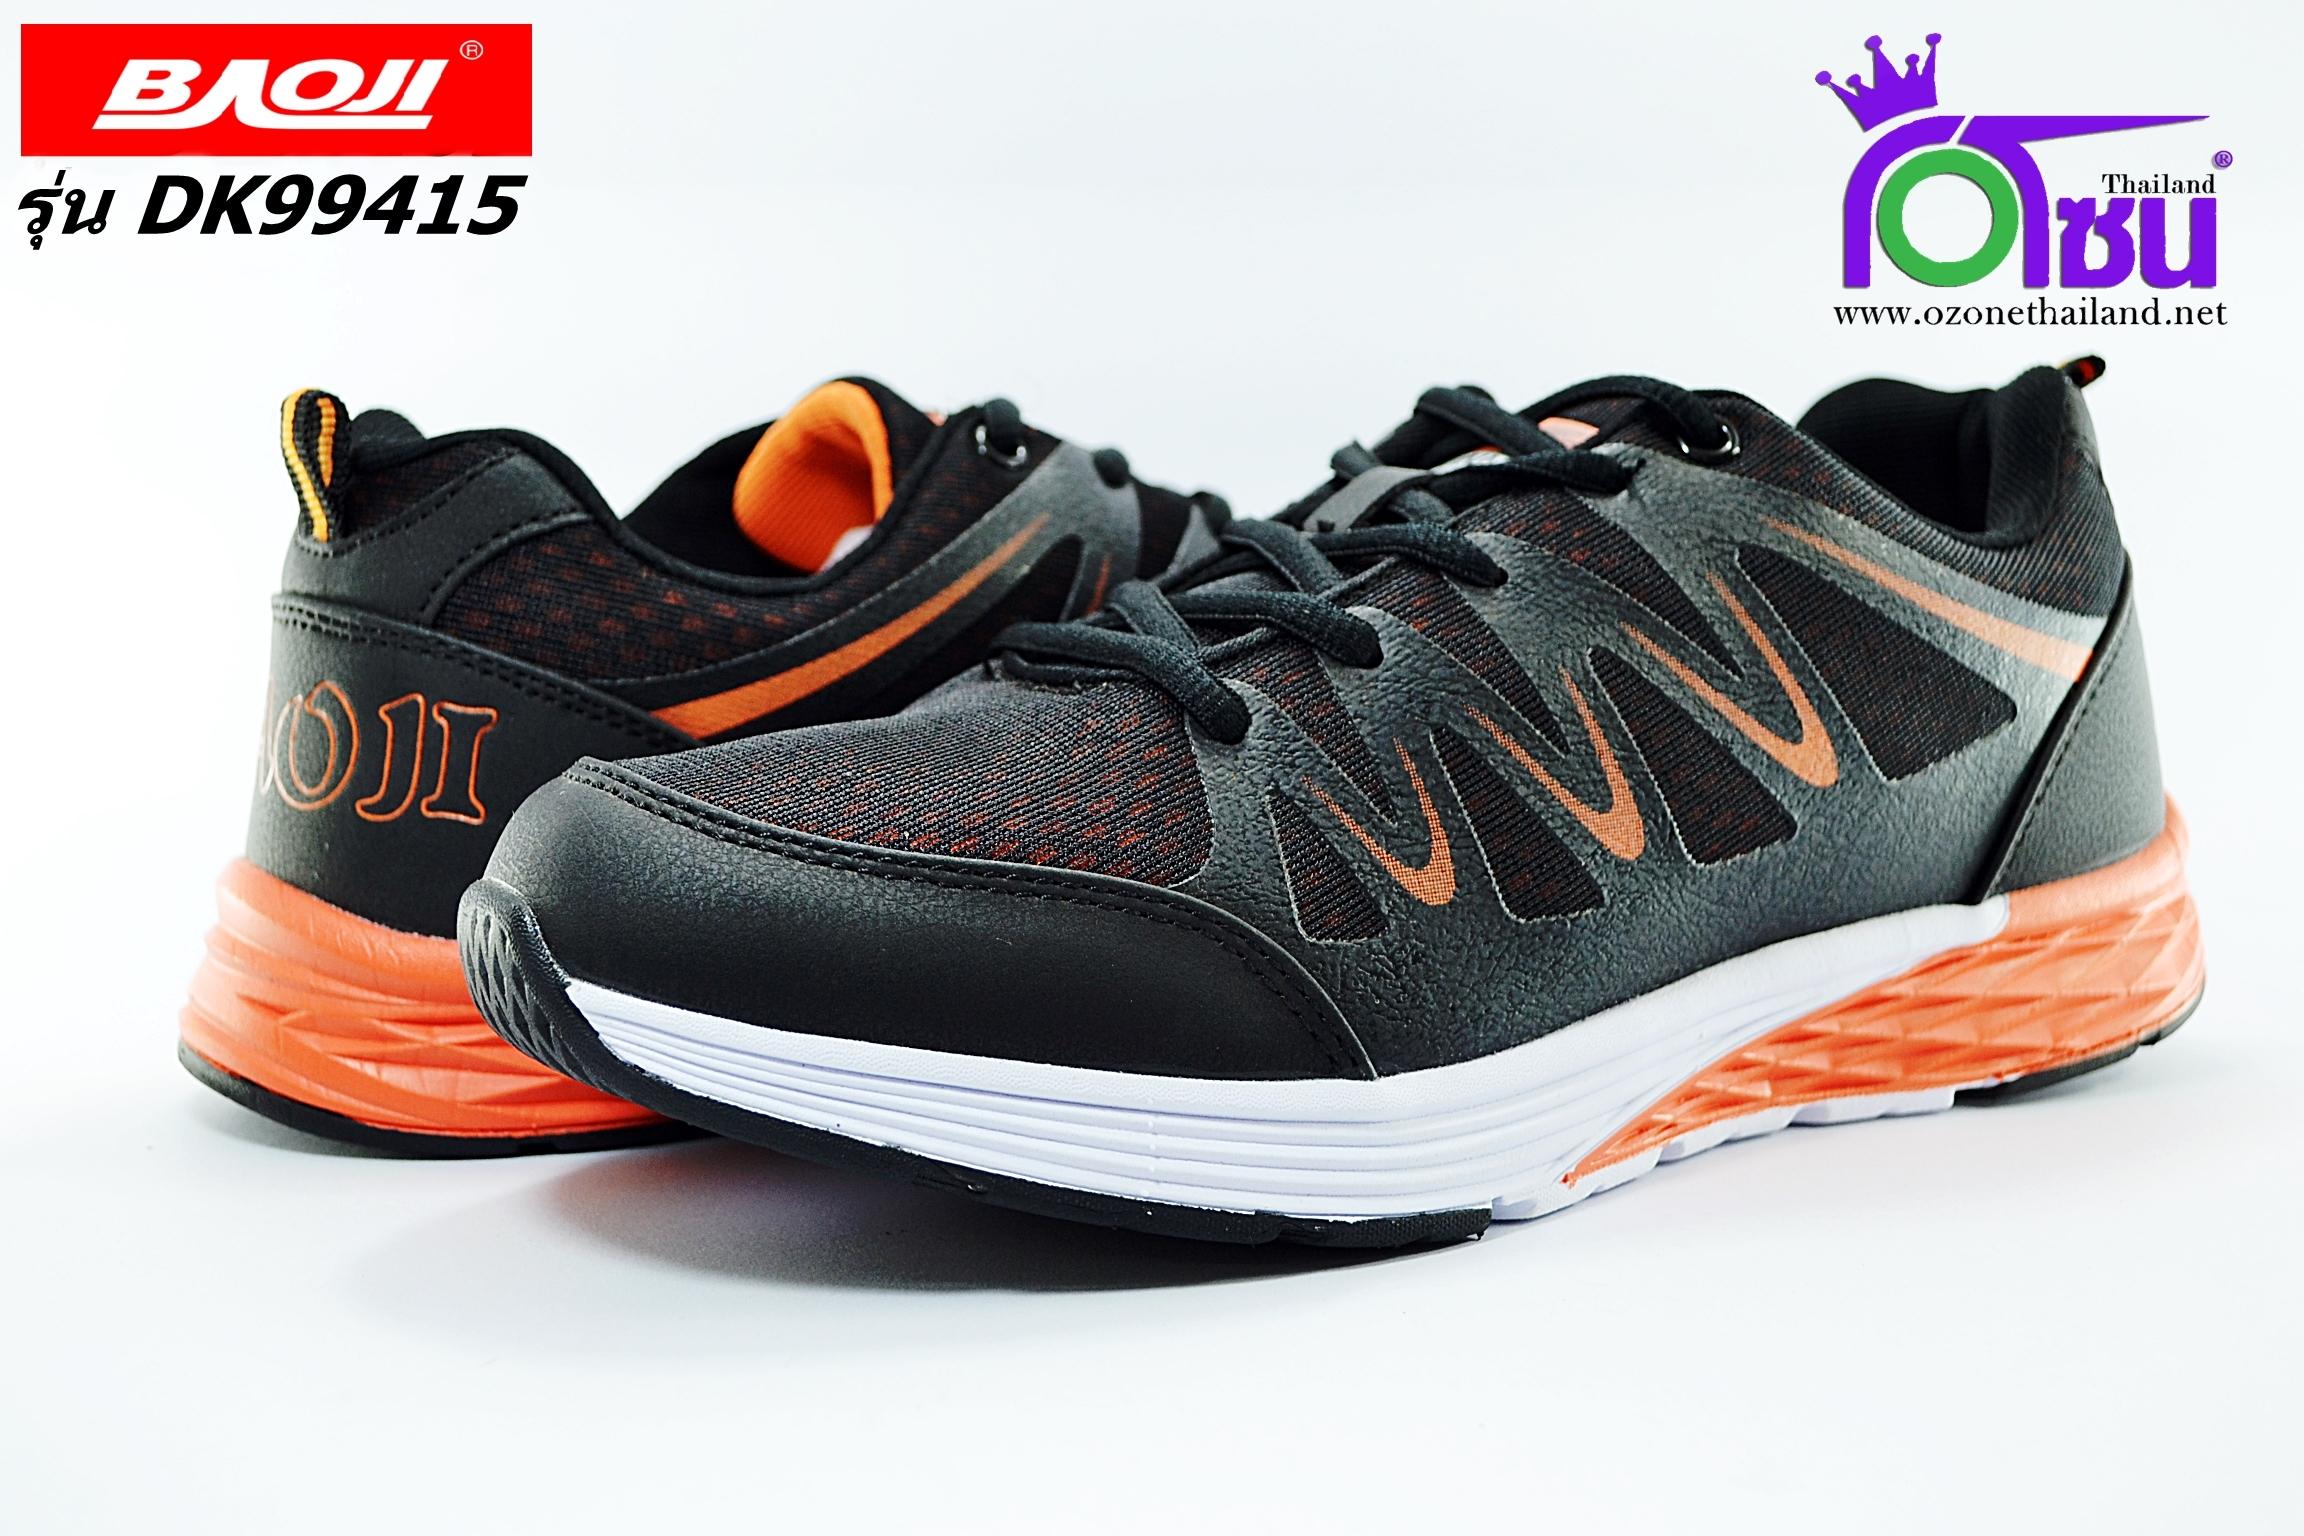 รองเท้าผ้าใบ วิ่ง บาโอจิ ชาย รุ่นDK99415สีดำ-ส้ม เบอร์41-45